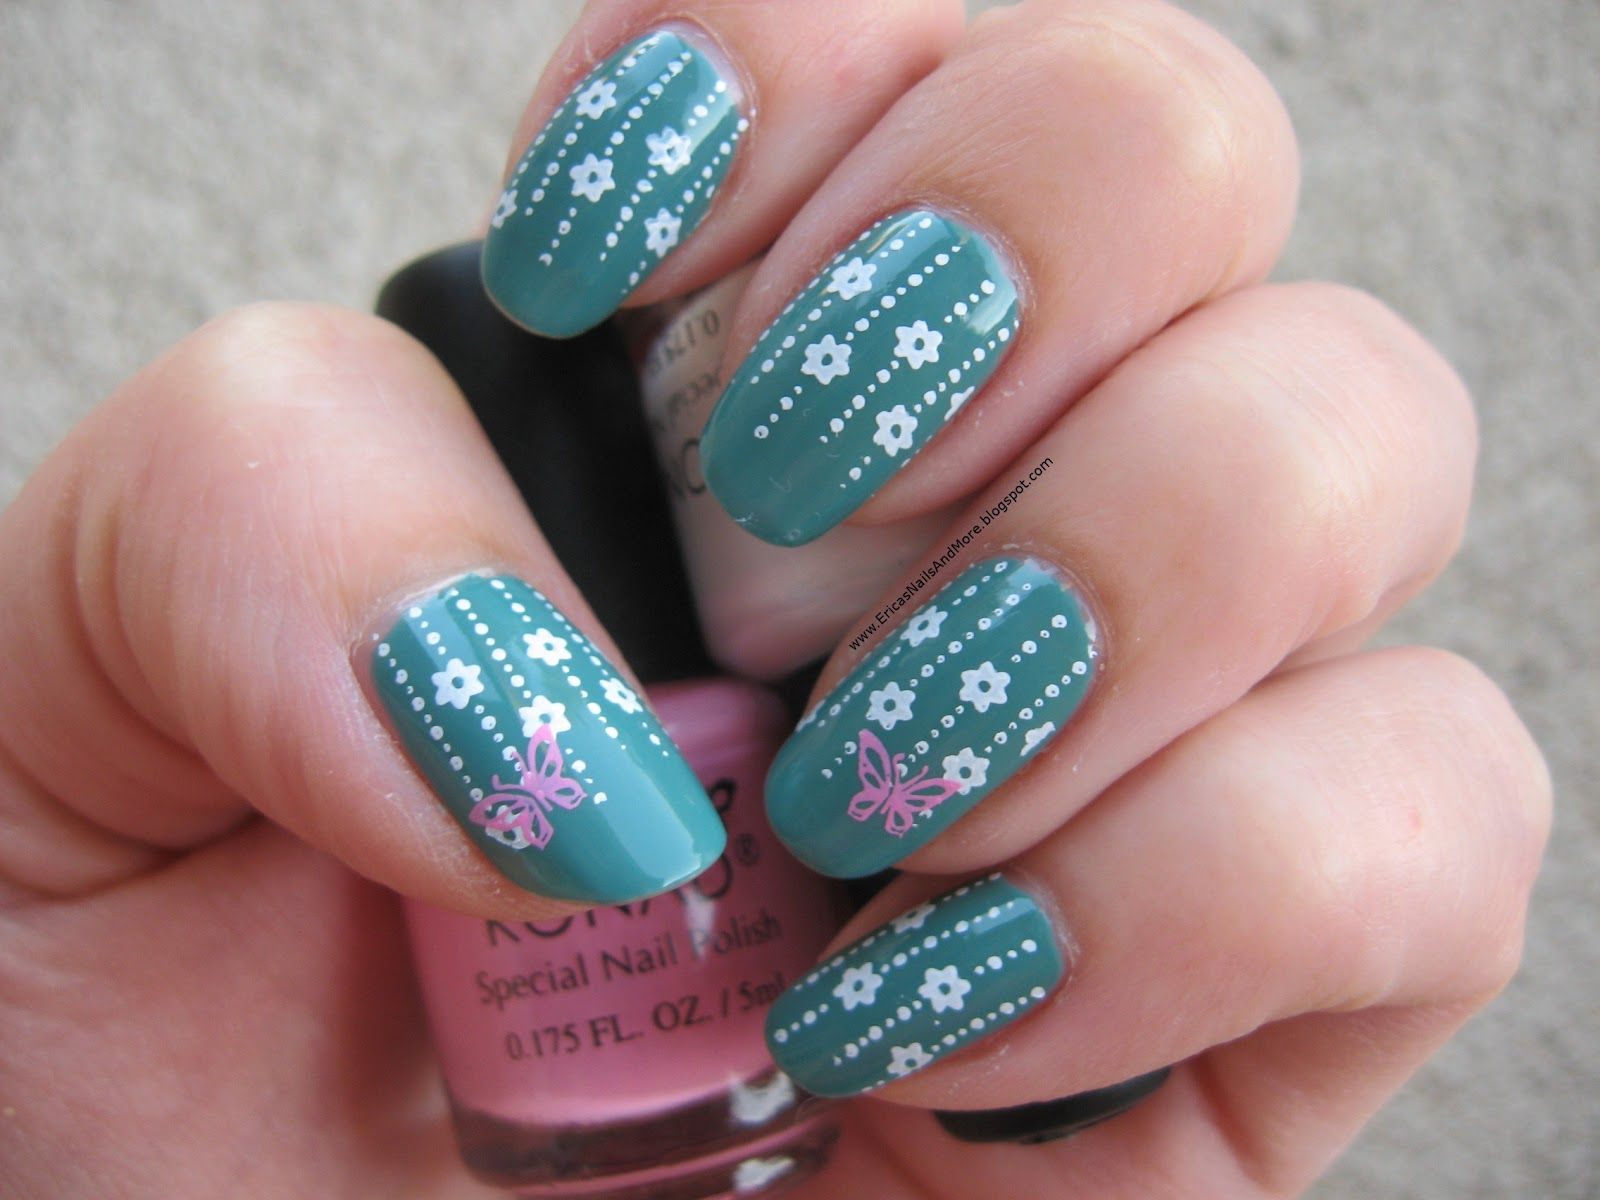 stamping nail art | Nail Design Ideas 2015 | stamping nail art ...